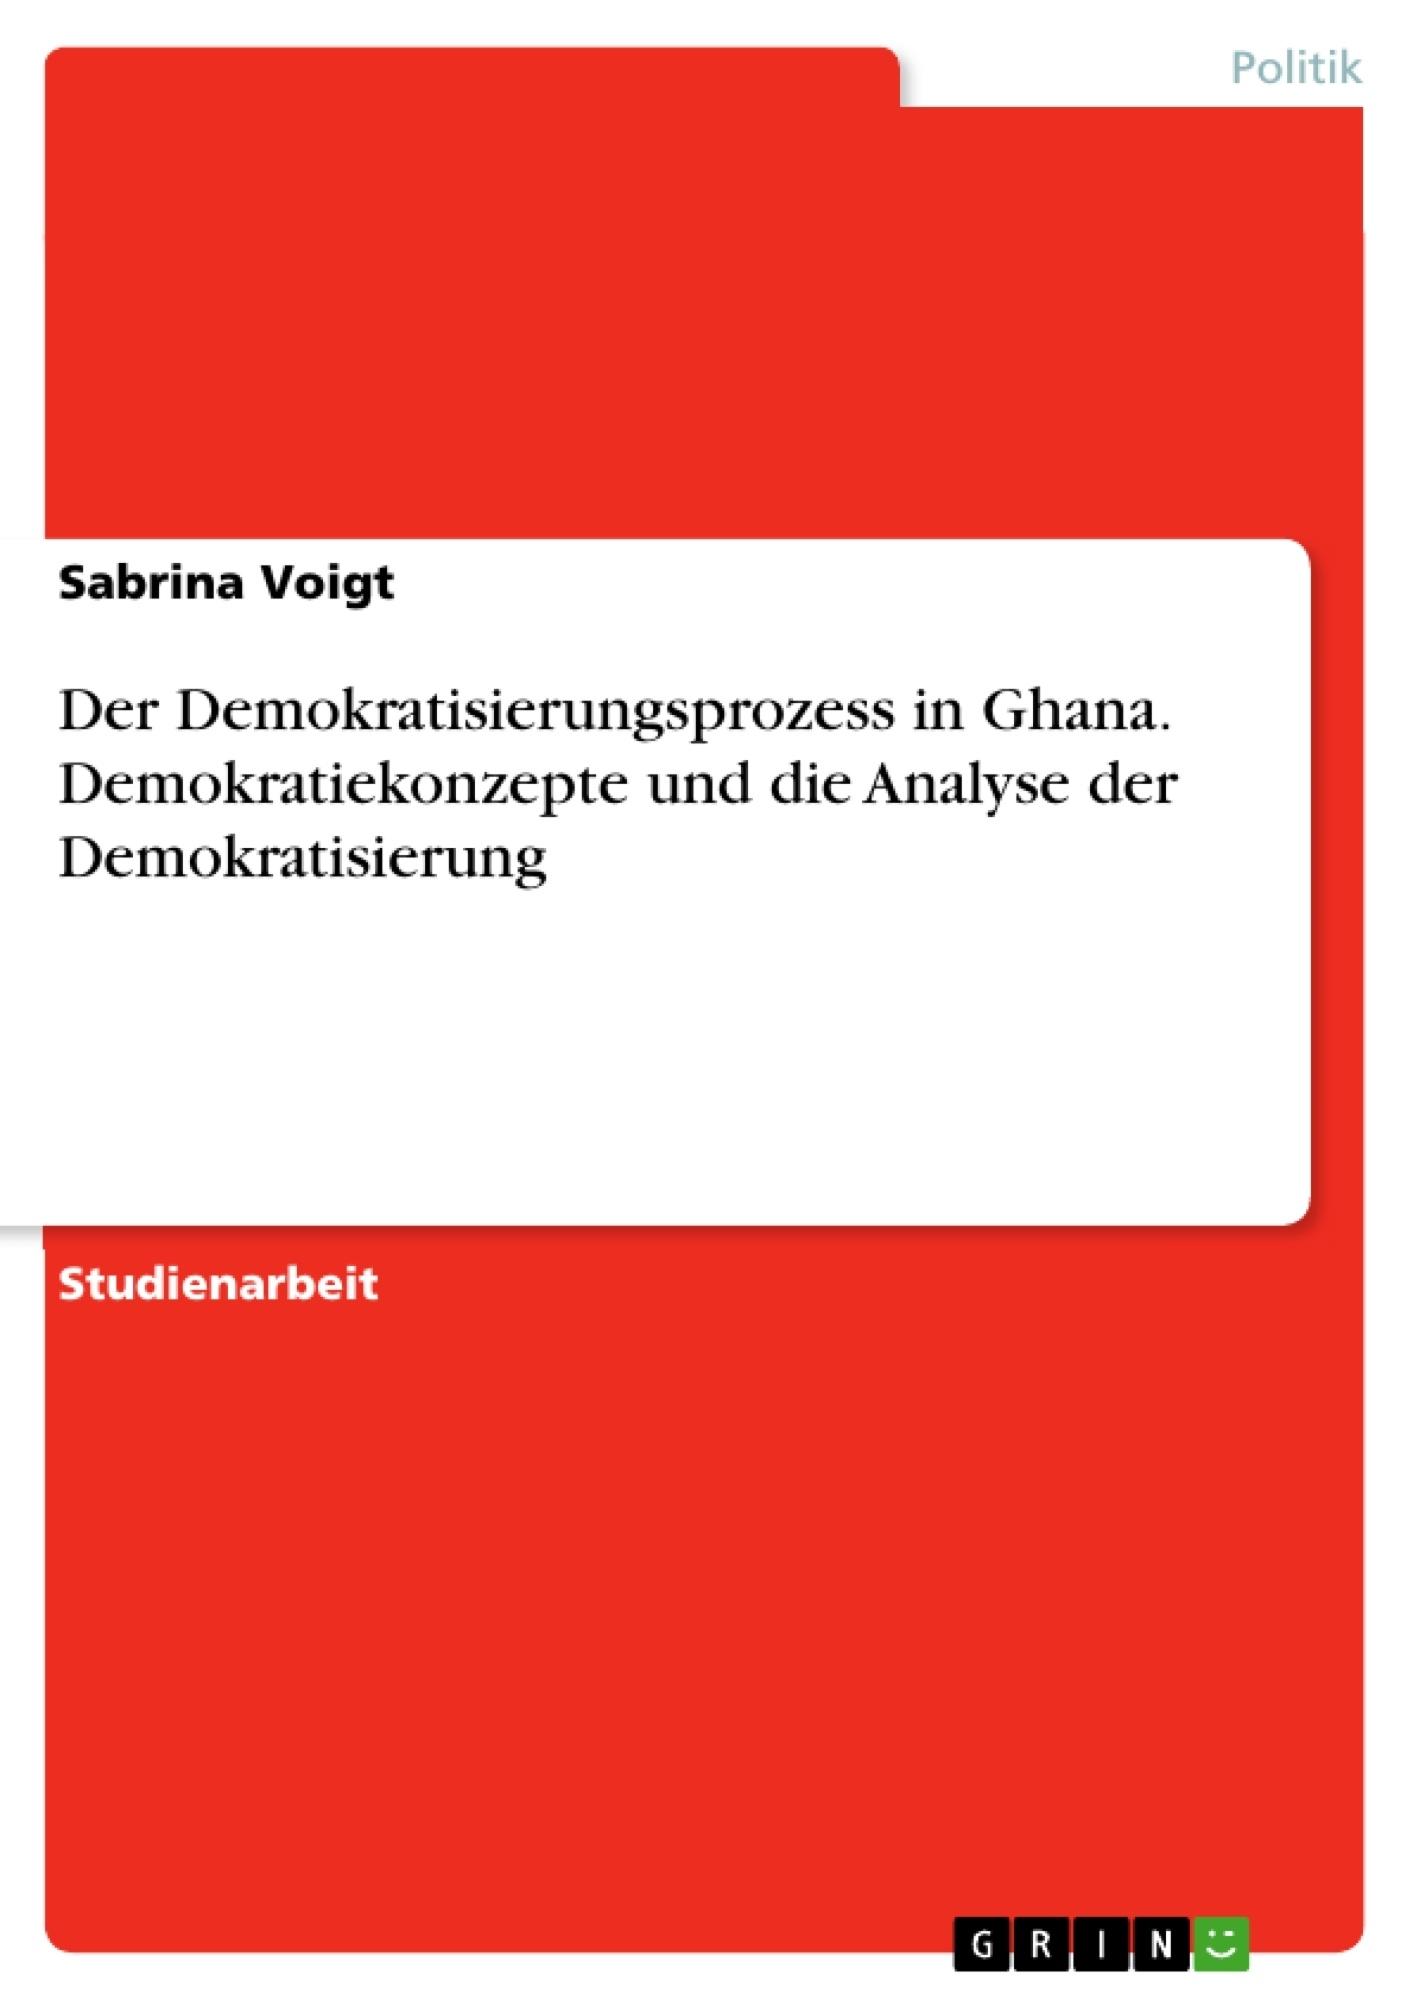 Titel: Der Demokratisierungsprozess in Ghana. Demokratiekonzepte und die Analyse der Demokratisierung